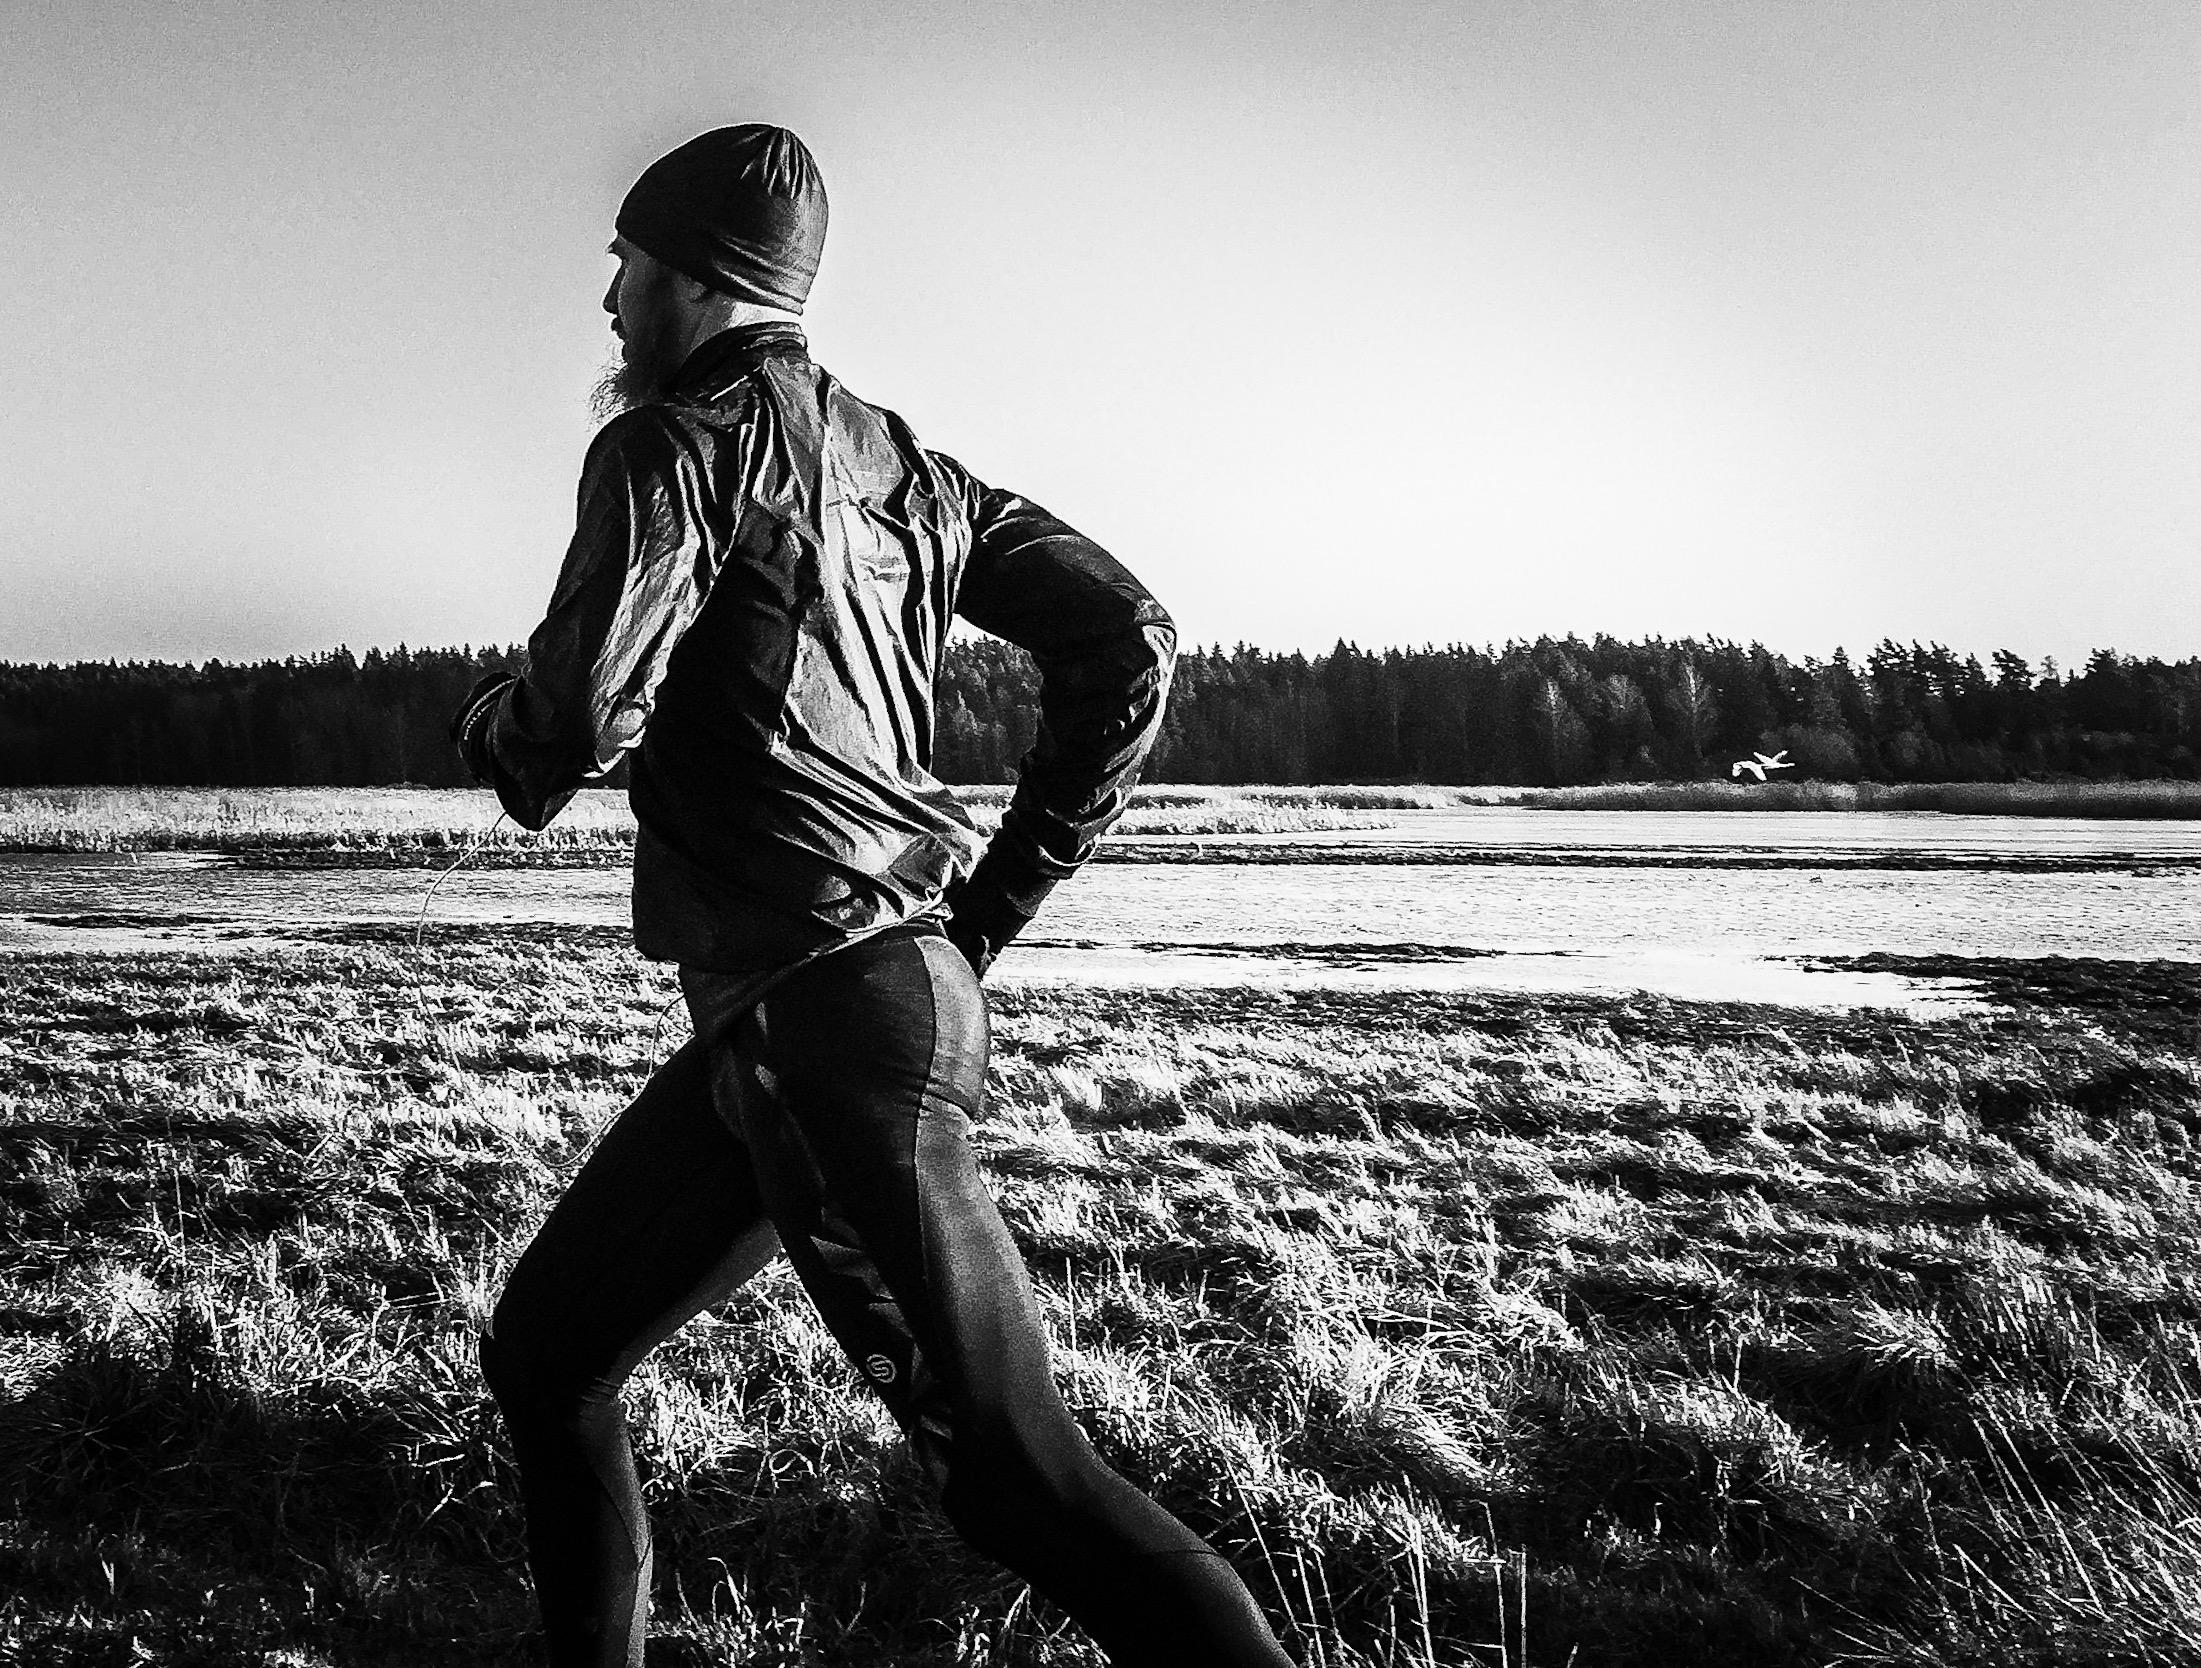 Öva gärna på ditt mantra när du är ute på dina vanliga träningsrundor.